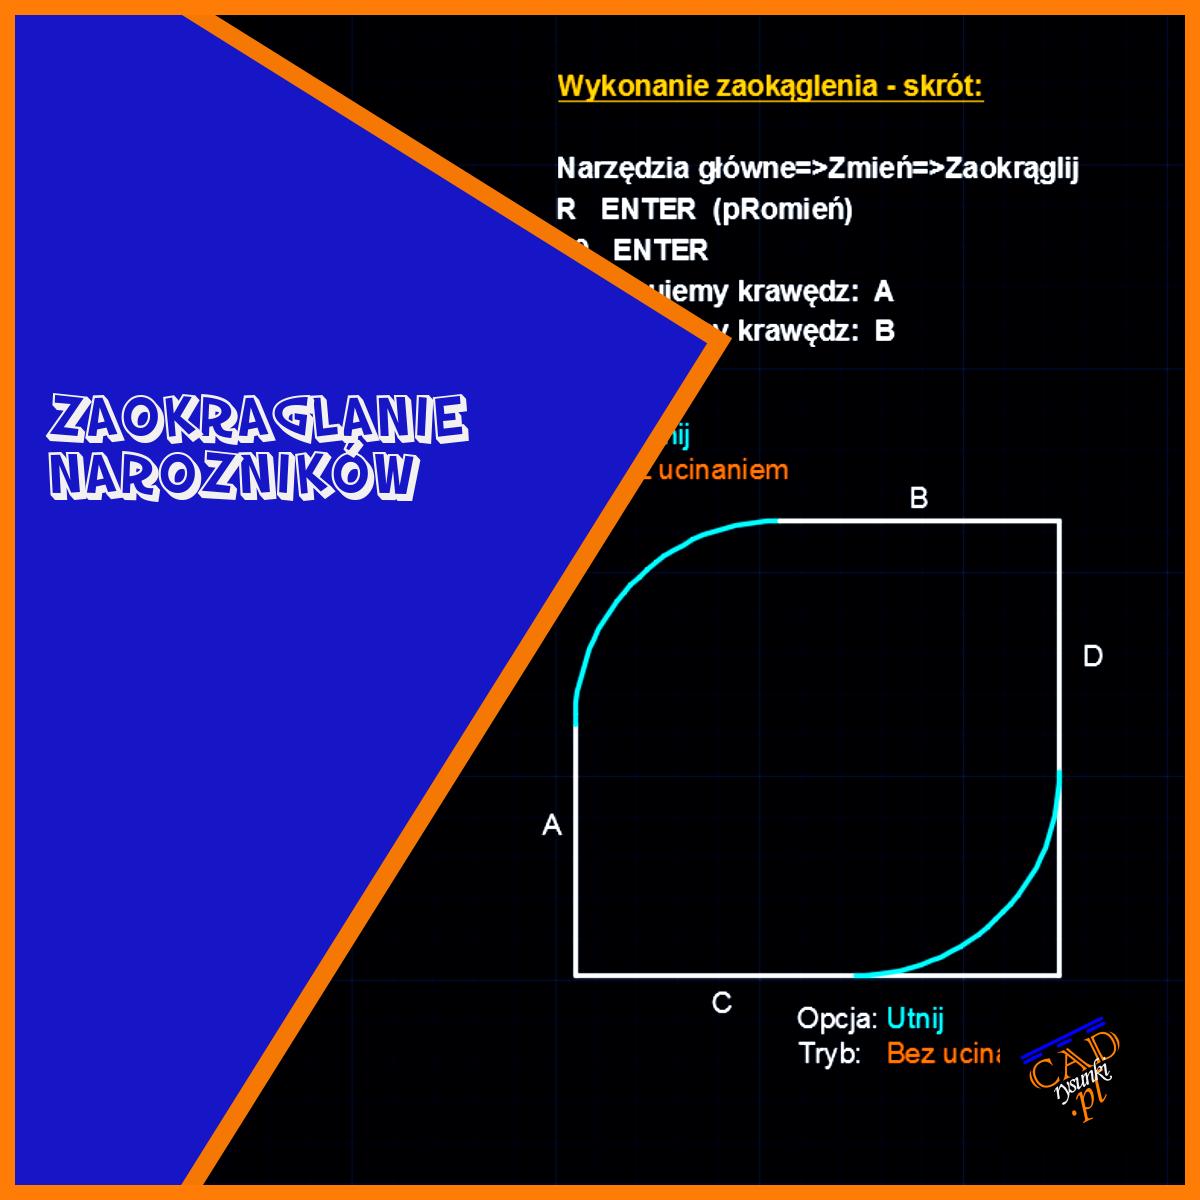 Zastosowanie metody zaokrąglenia narożników obiektu.